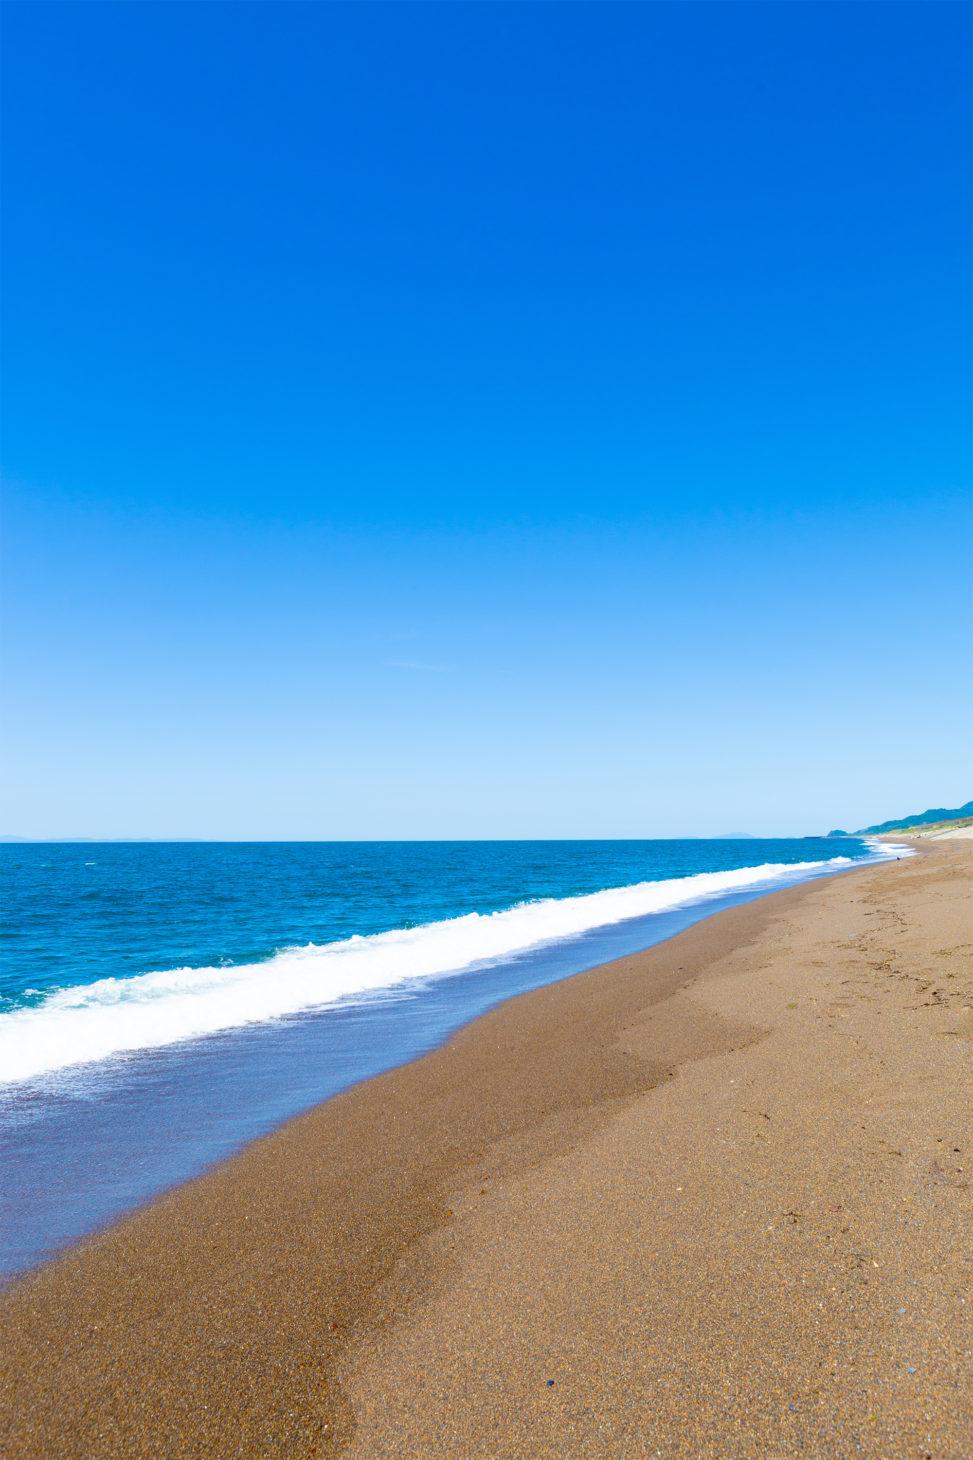 海 日本海 と砂浜02 無料の高画質フリー写真素材 イメージズラボ